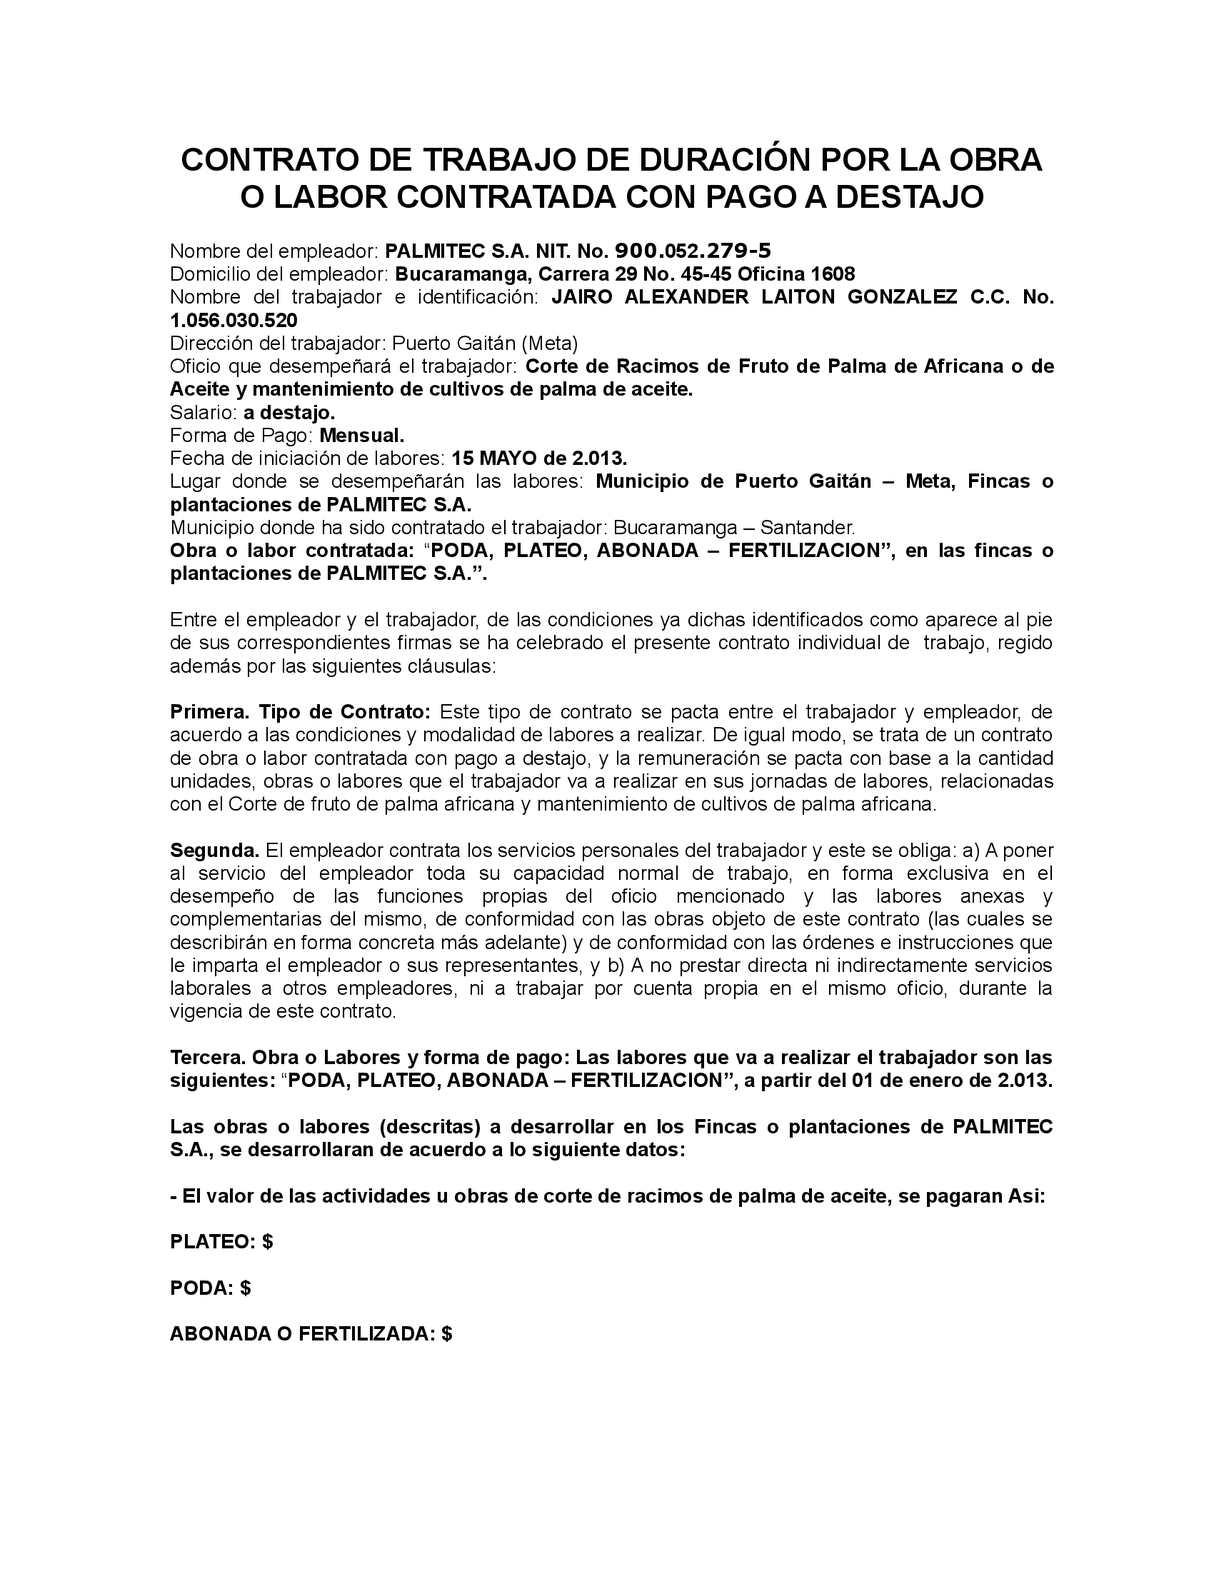 Contrato Por Obra Con Pago A Destajo Puerto Gaitan Palmitec